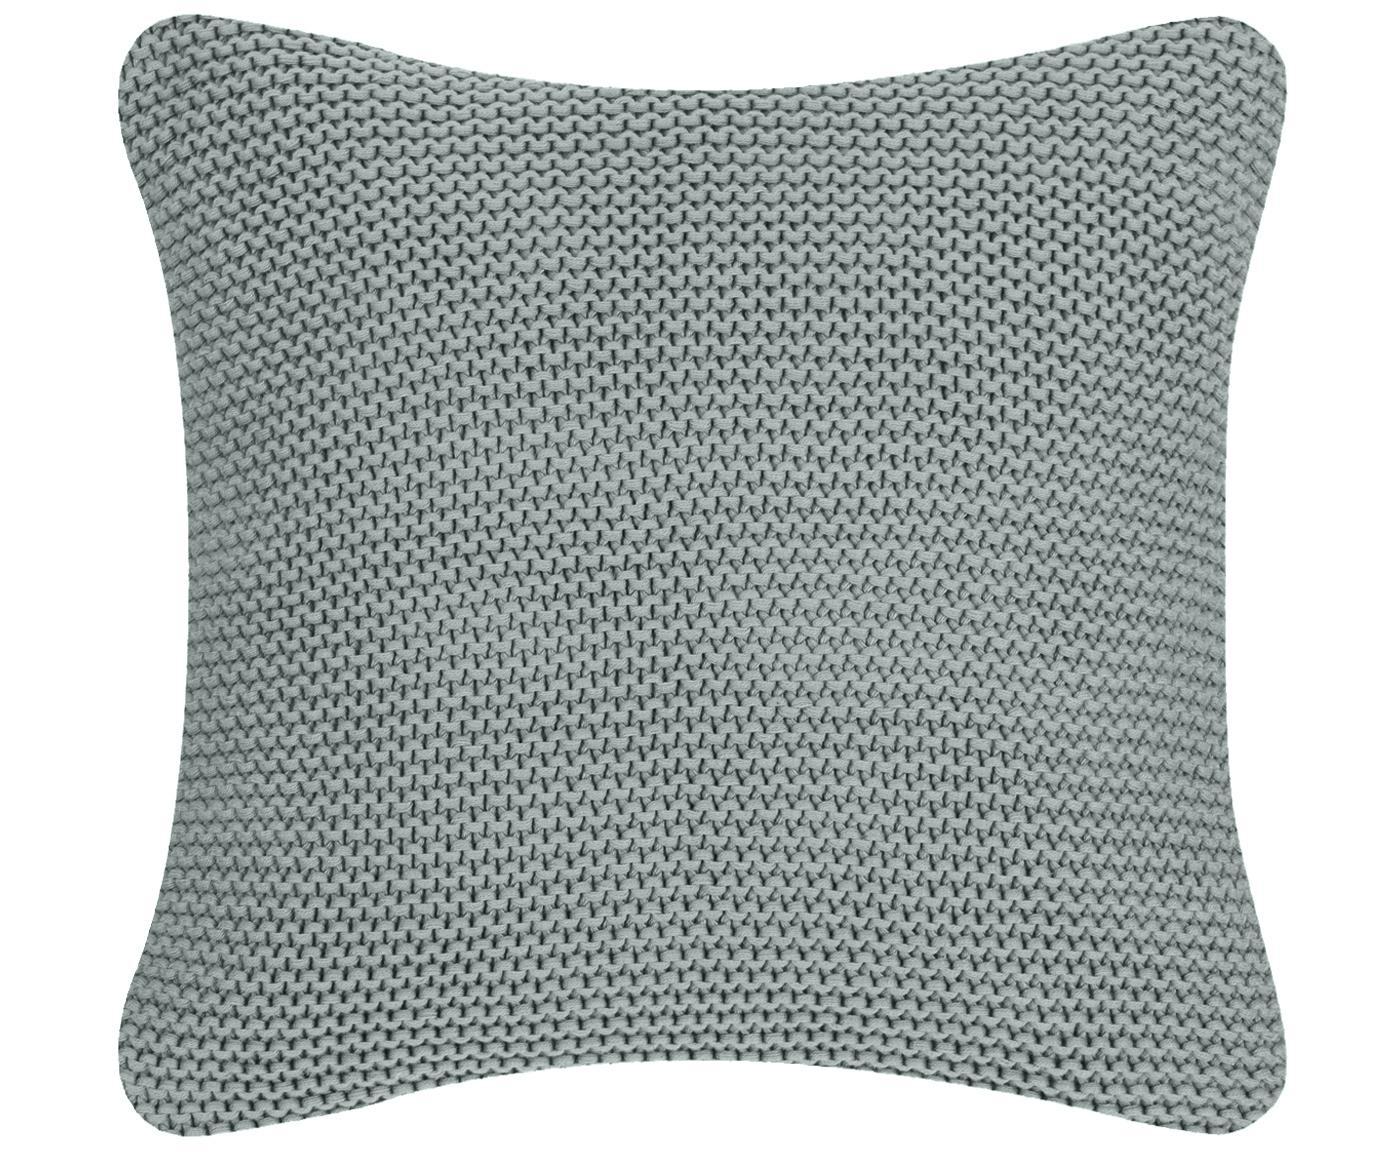 Poszewka na poduszkę z dzianiny Adalyn, 100% bawełna, Szałwiowa zieleń, S 50 x D 50 cm